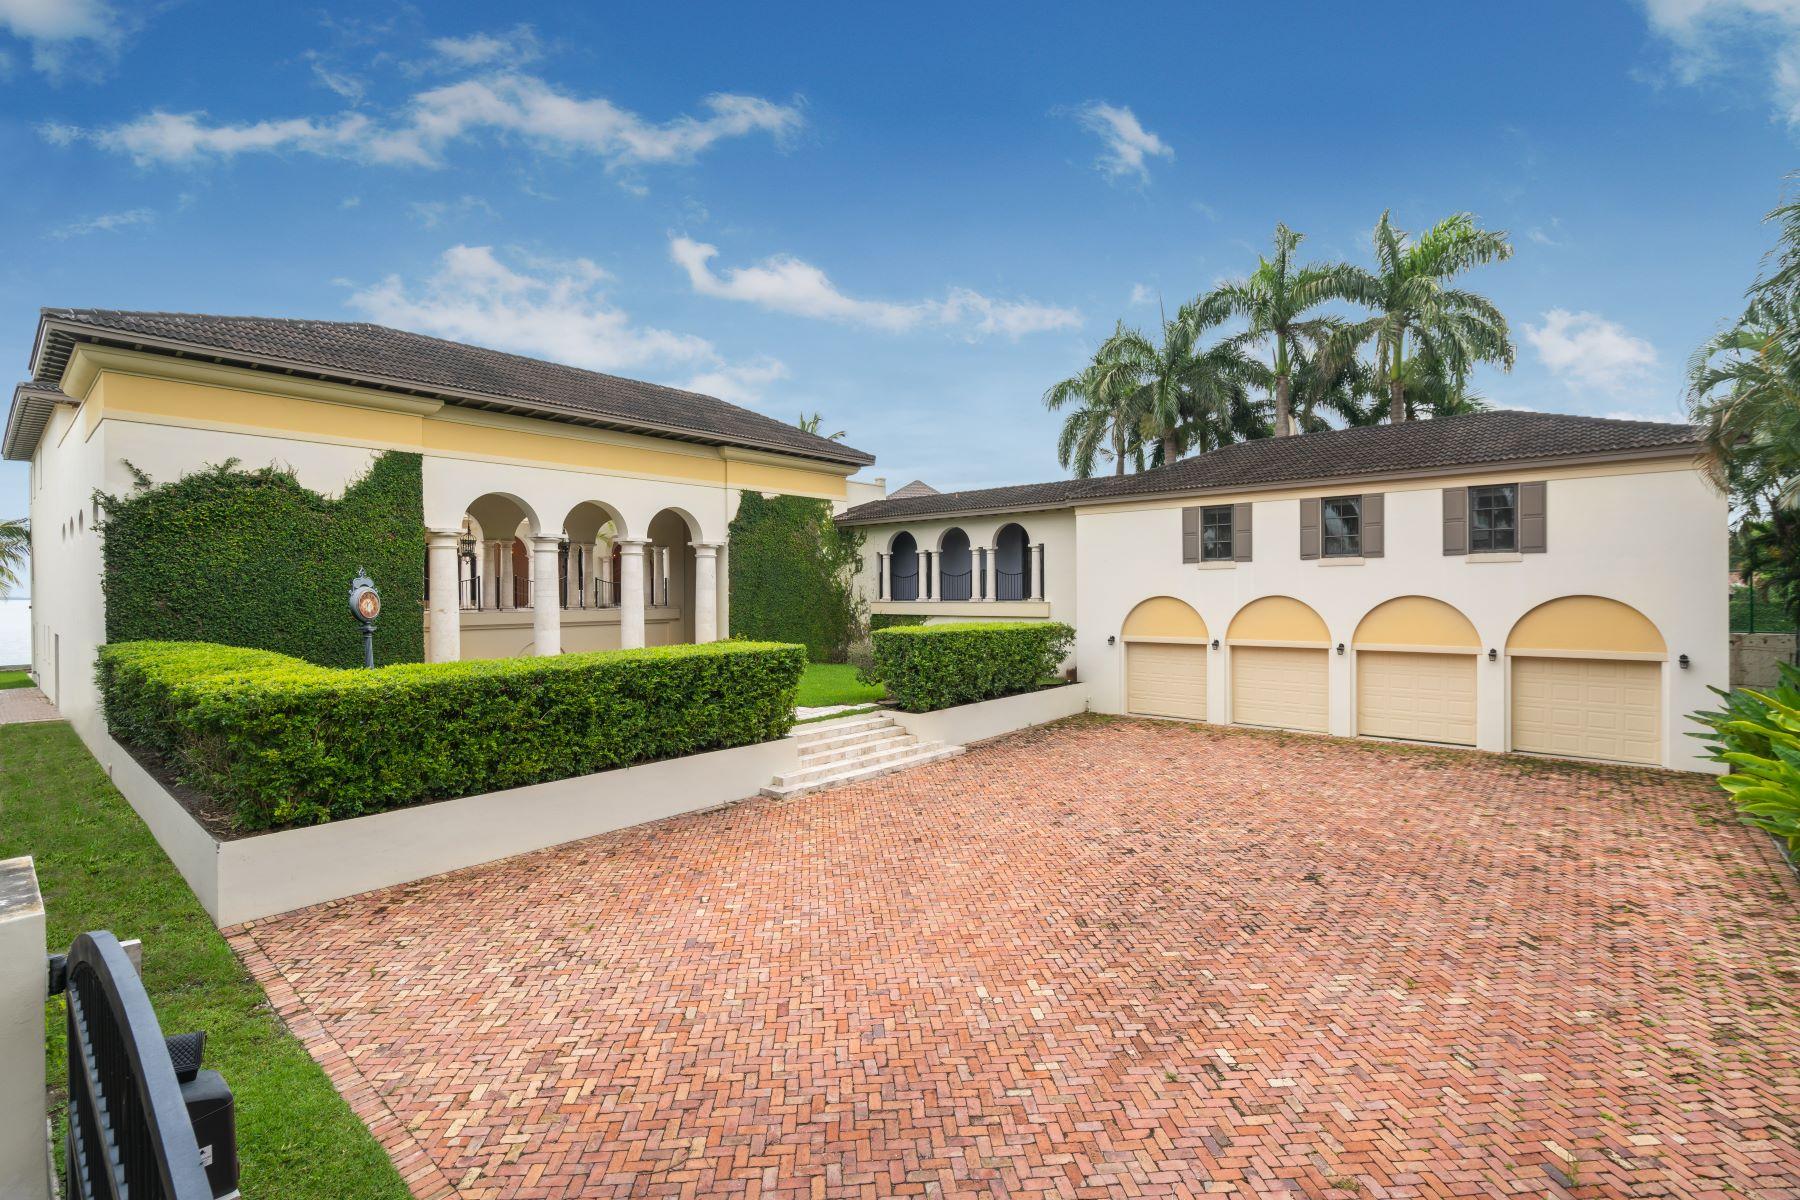 一戸建て のために 売買 アット 3560 Stewart Ave 3560 Stewart Ave Miami, フロリダ 33133 アメリカ合衆国